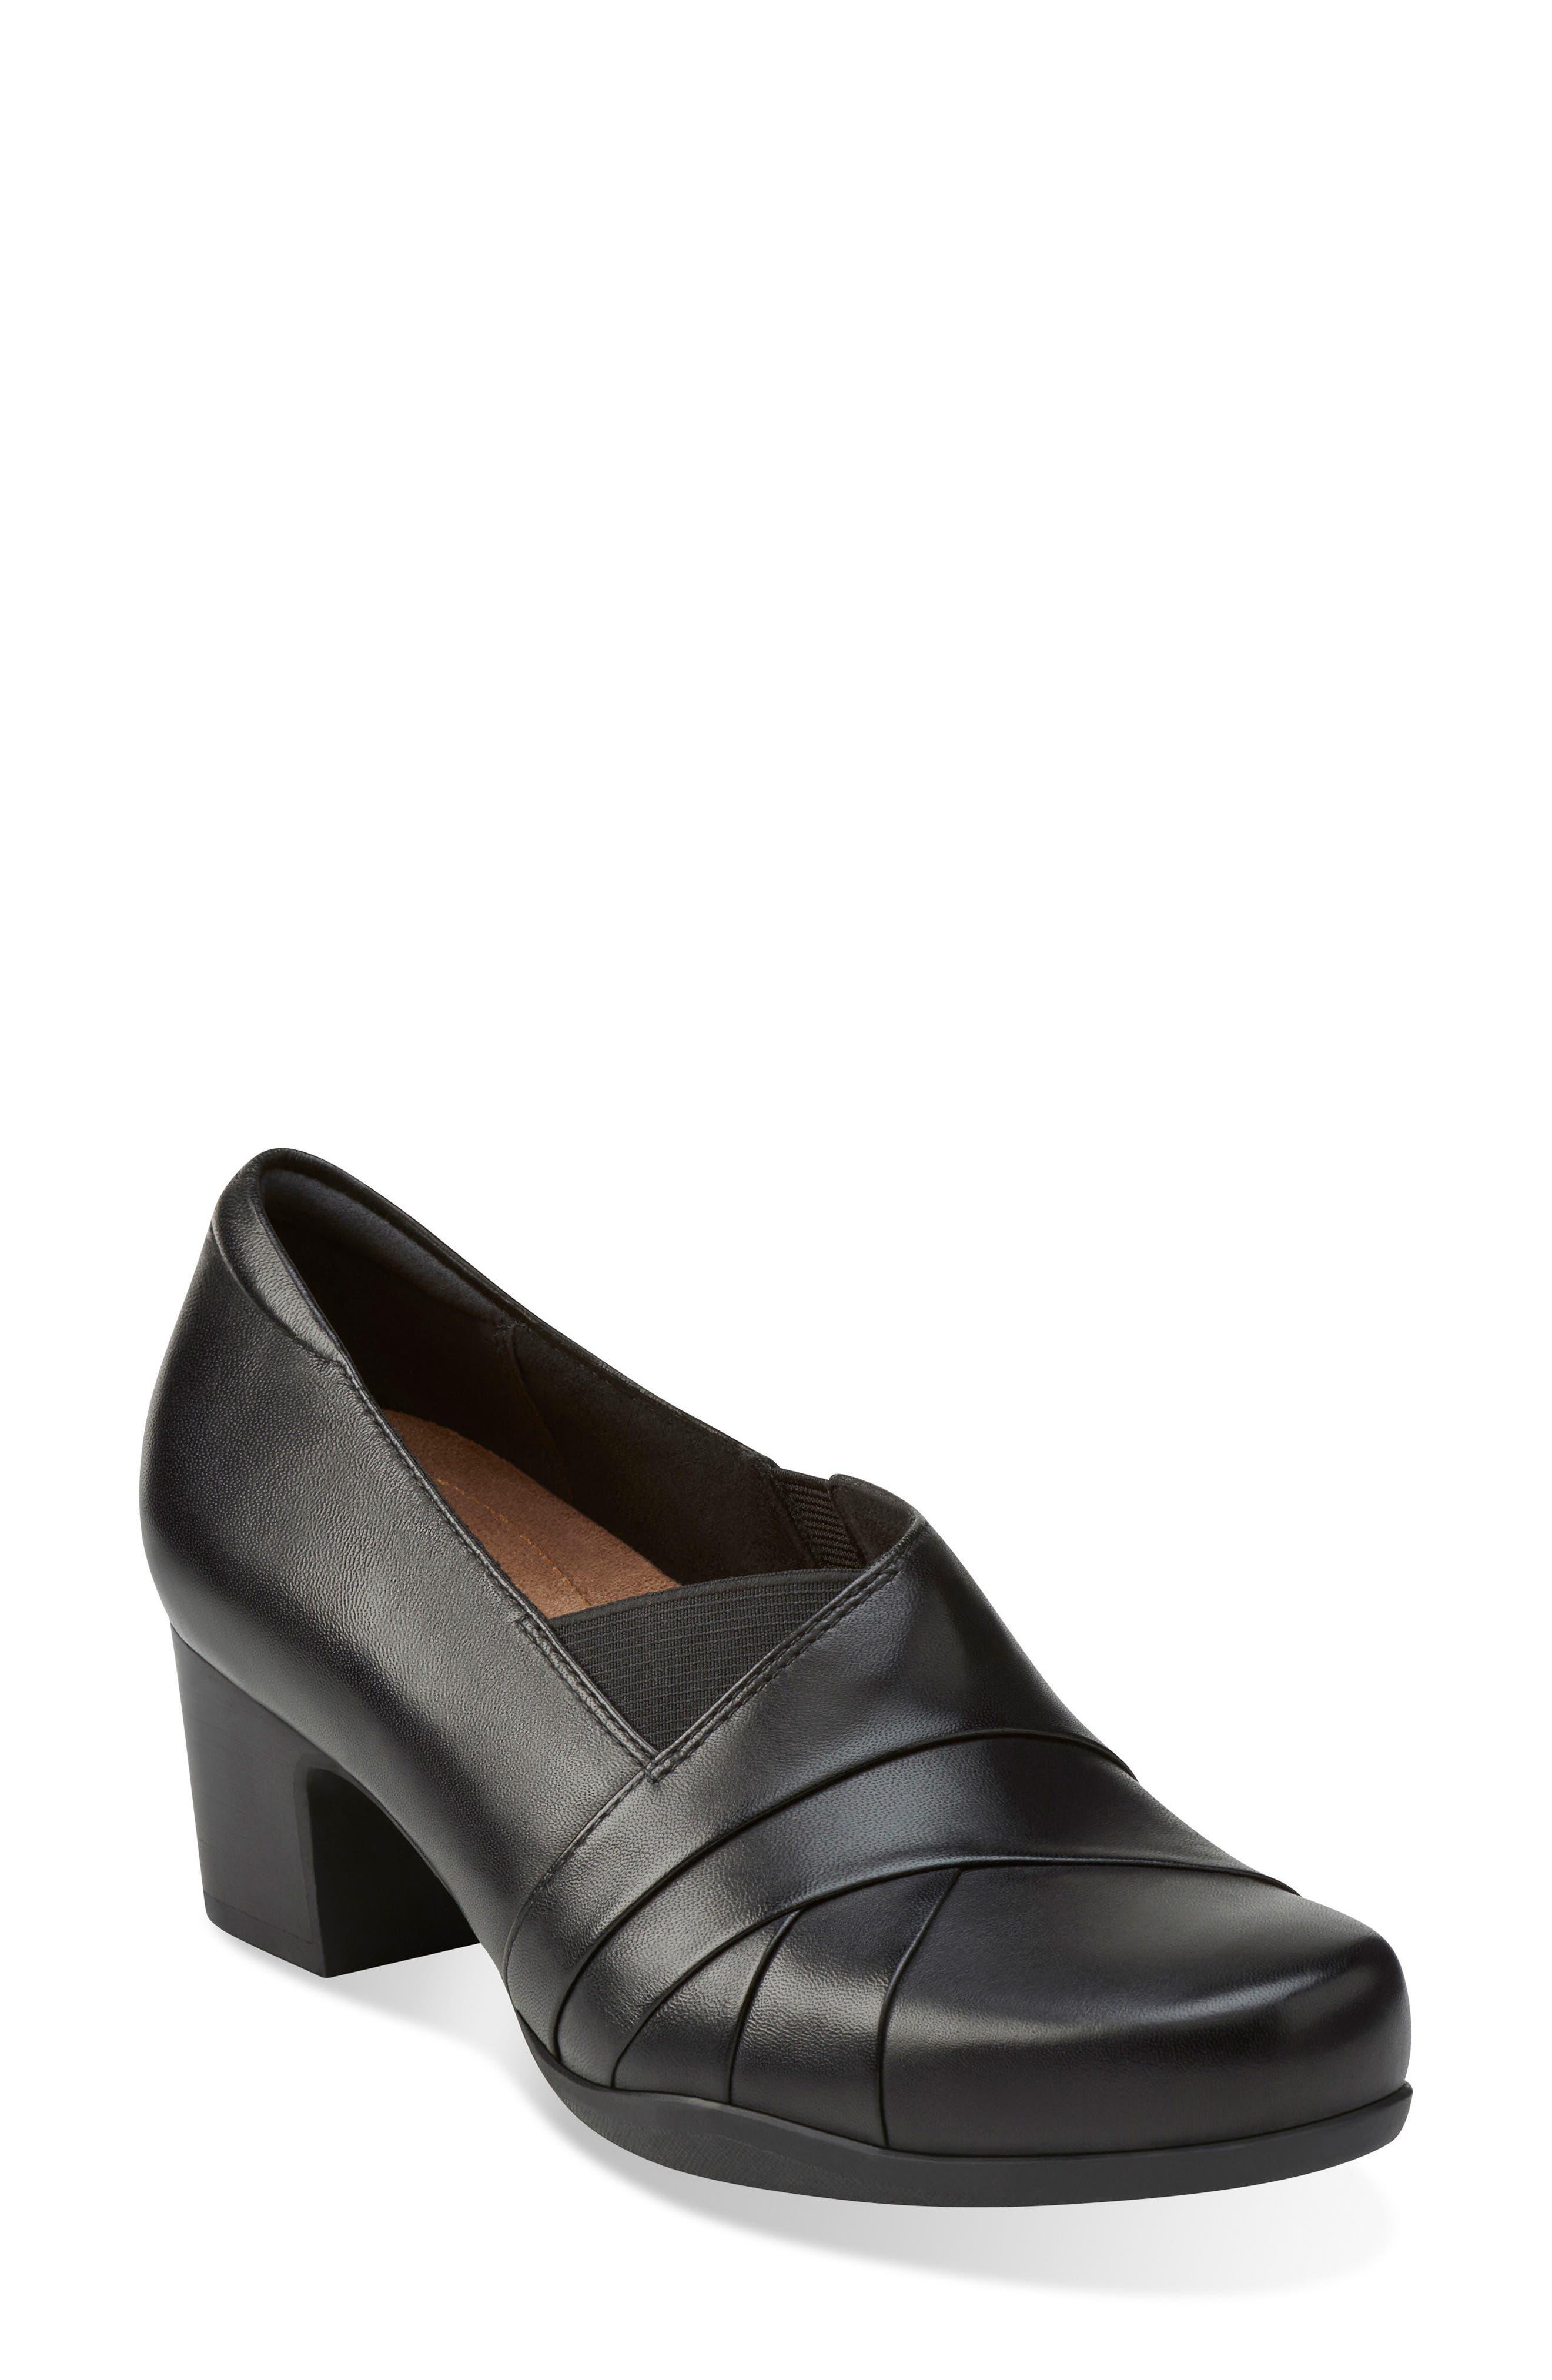 5b9193bdd43 Clarks Women s Shoes